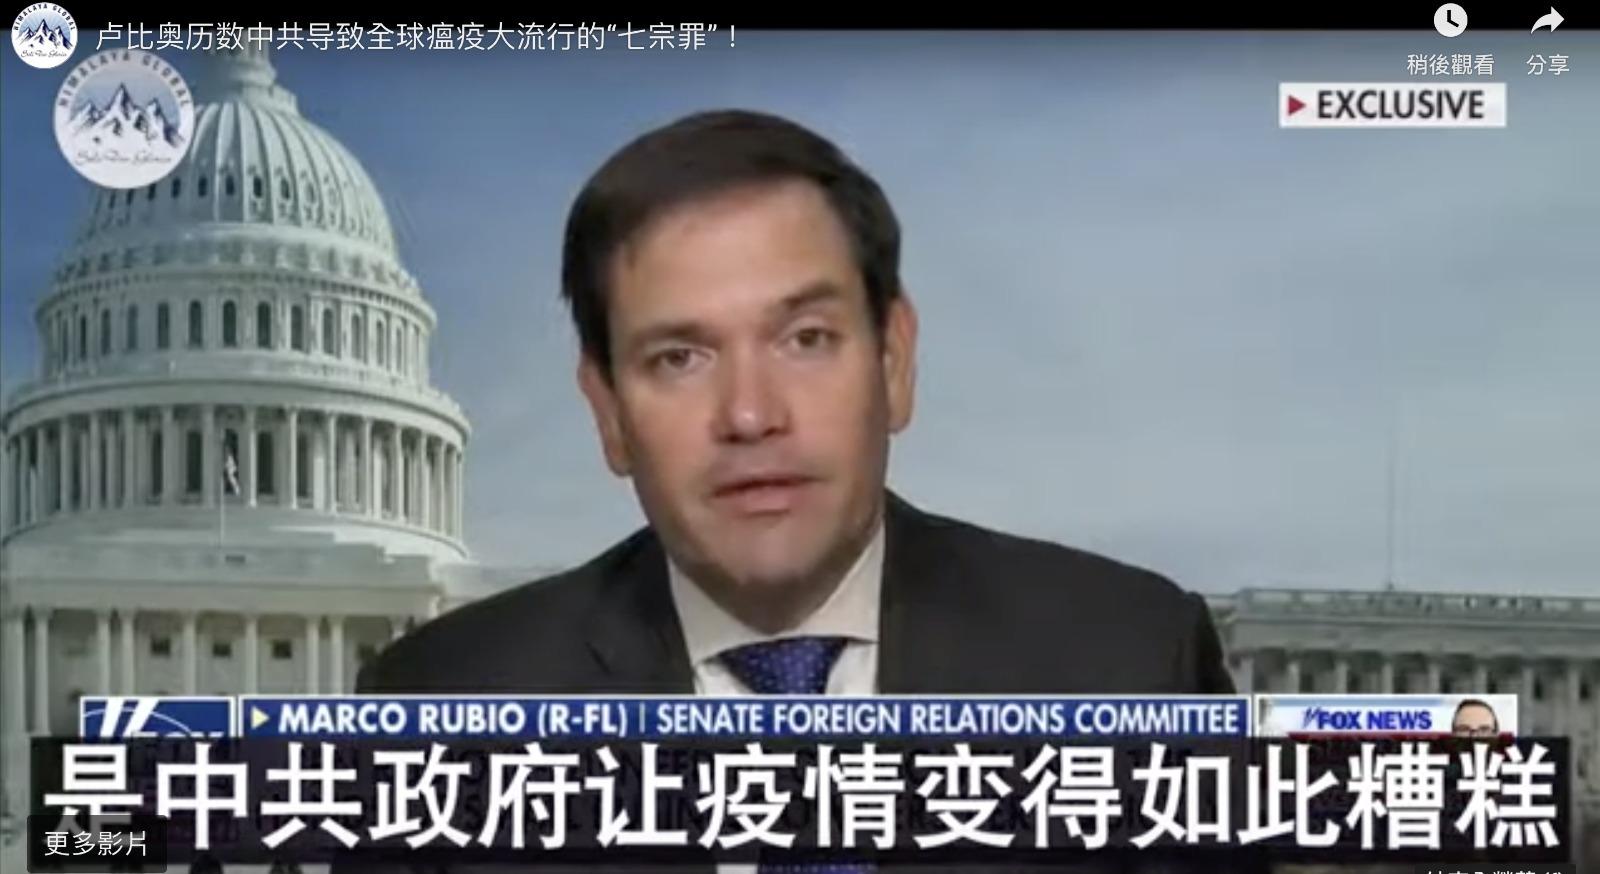 美國國會參議員魯比奧(Marco Rubio)3月22日接受媒體訪問時,歷數中共導致全球瘟疫大流行的七宗罪,並直指中共是罪魁禍首。(喜馬拉雅國際影片截圖)